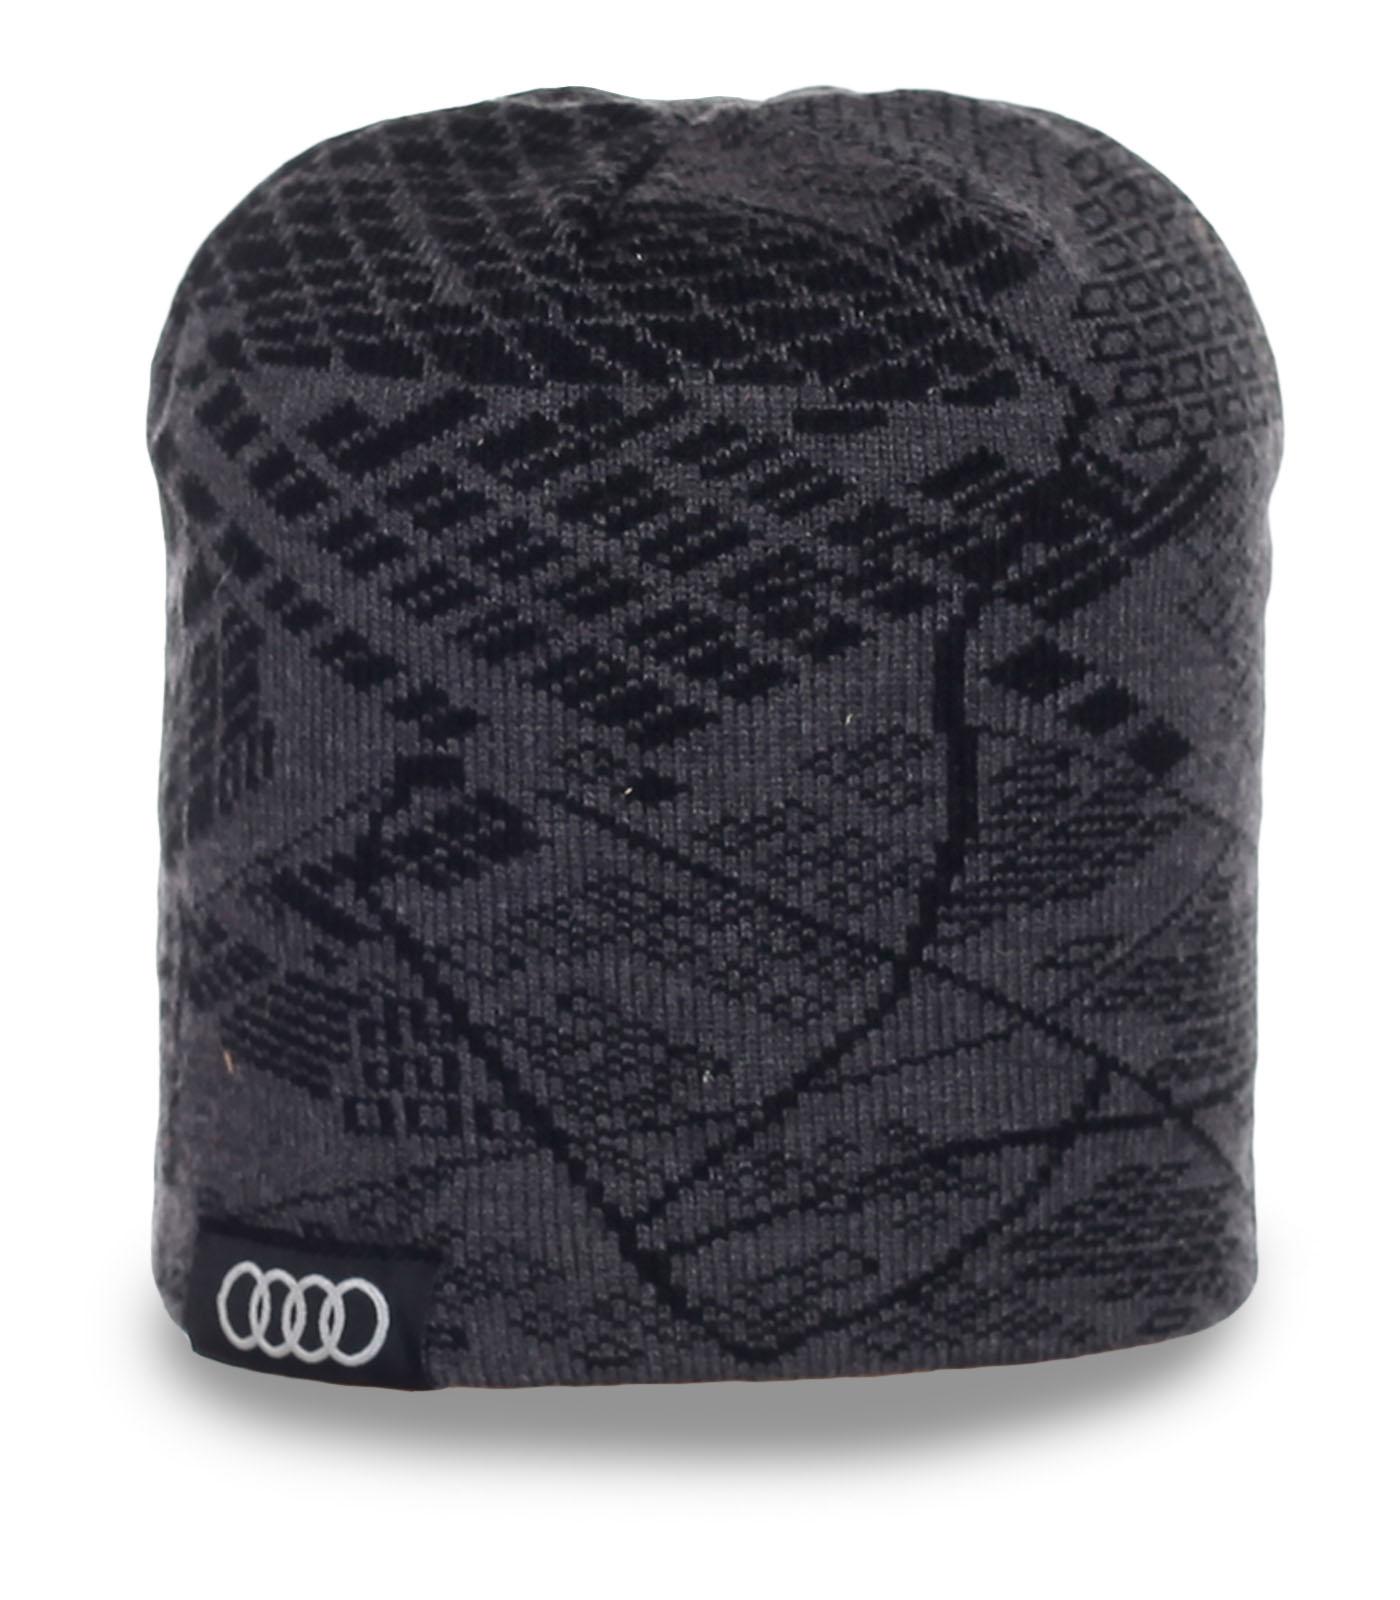 Стильная мужская шапка премиум – класса Ауди эксклюзивный дизайн